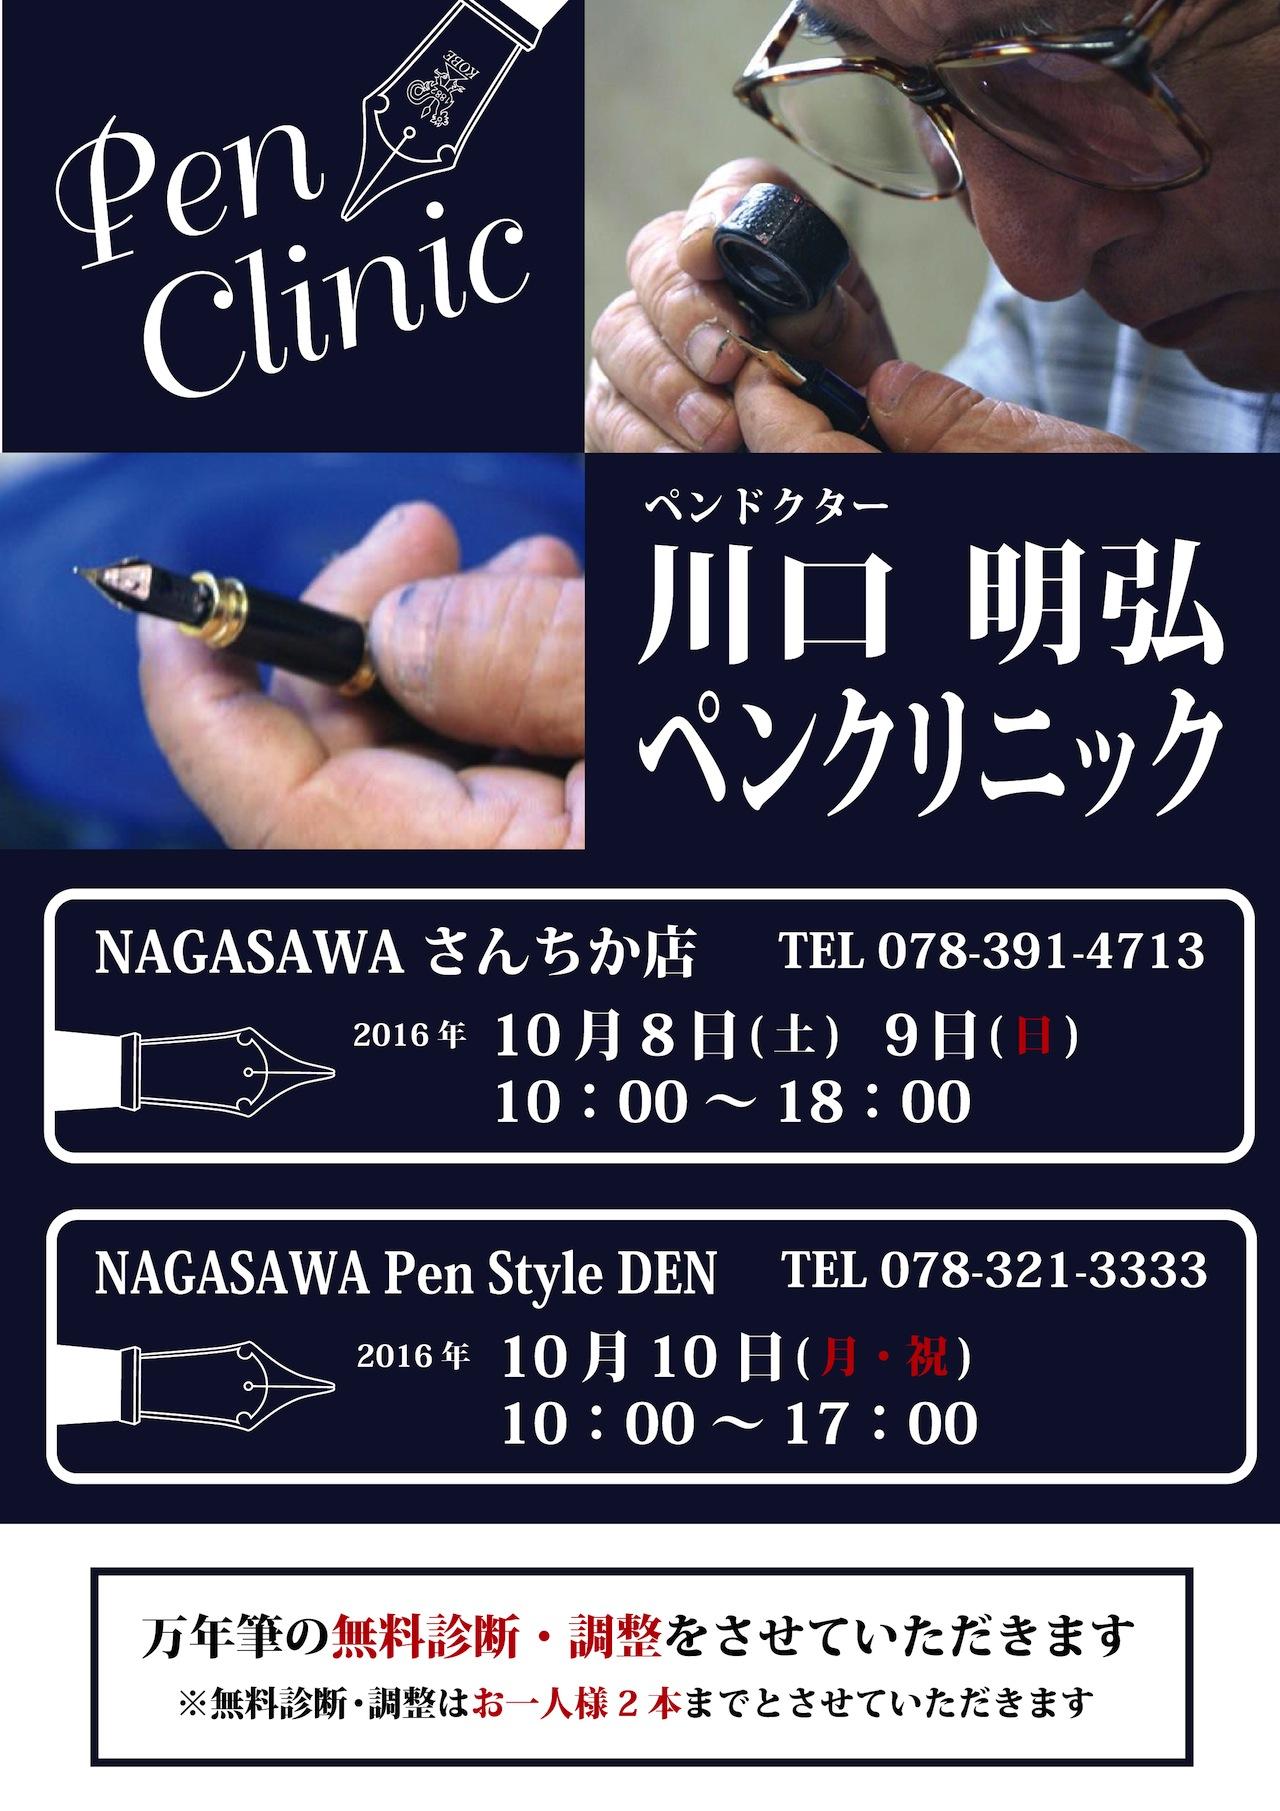 ペンドクター 川口明弘氏ペンクリニック@NAGASAWA PenStyle DEN,さんちか店